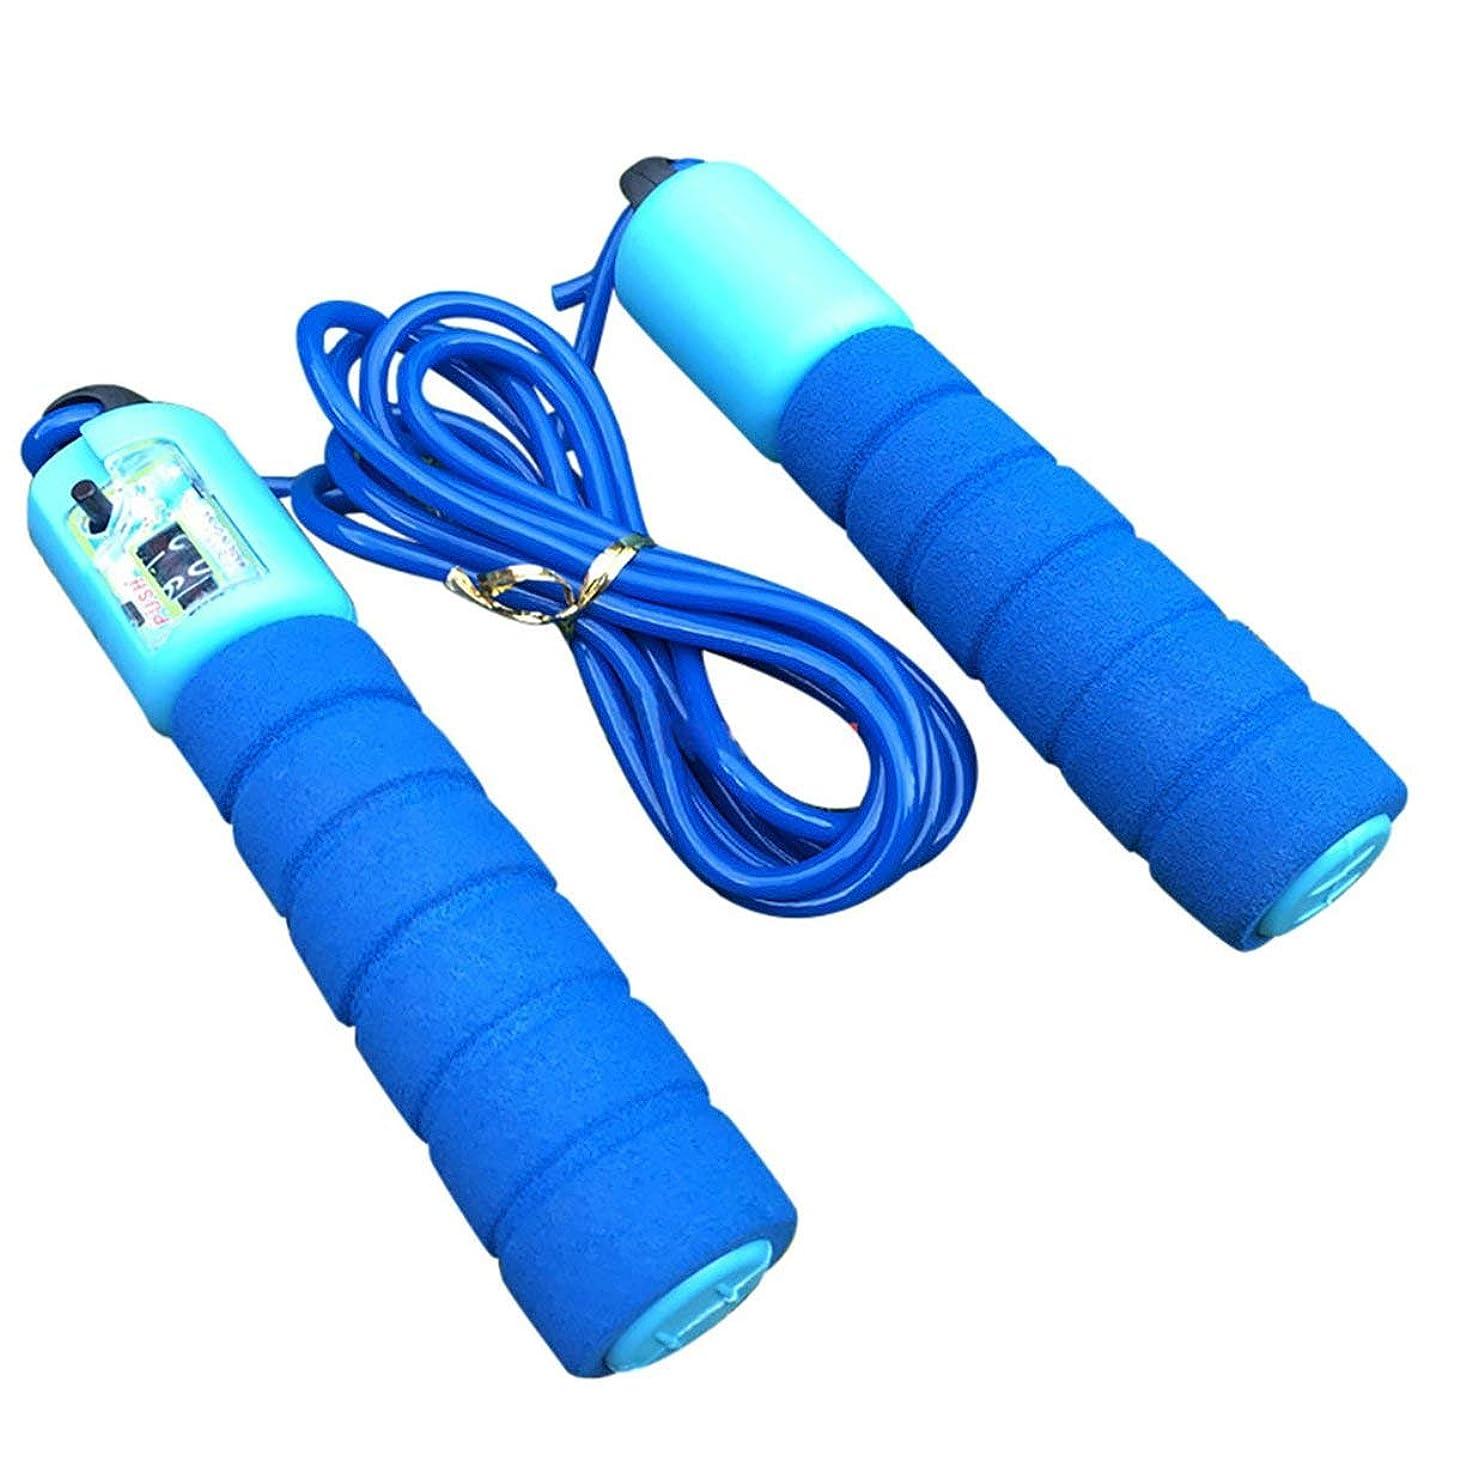 肺通行料金遺跡調整可能なプロフェッショナルカウント縄跳び自動カウントジャンプロープフィットネス運動高速カウントジャンプロープ - 青